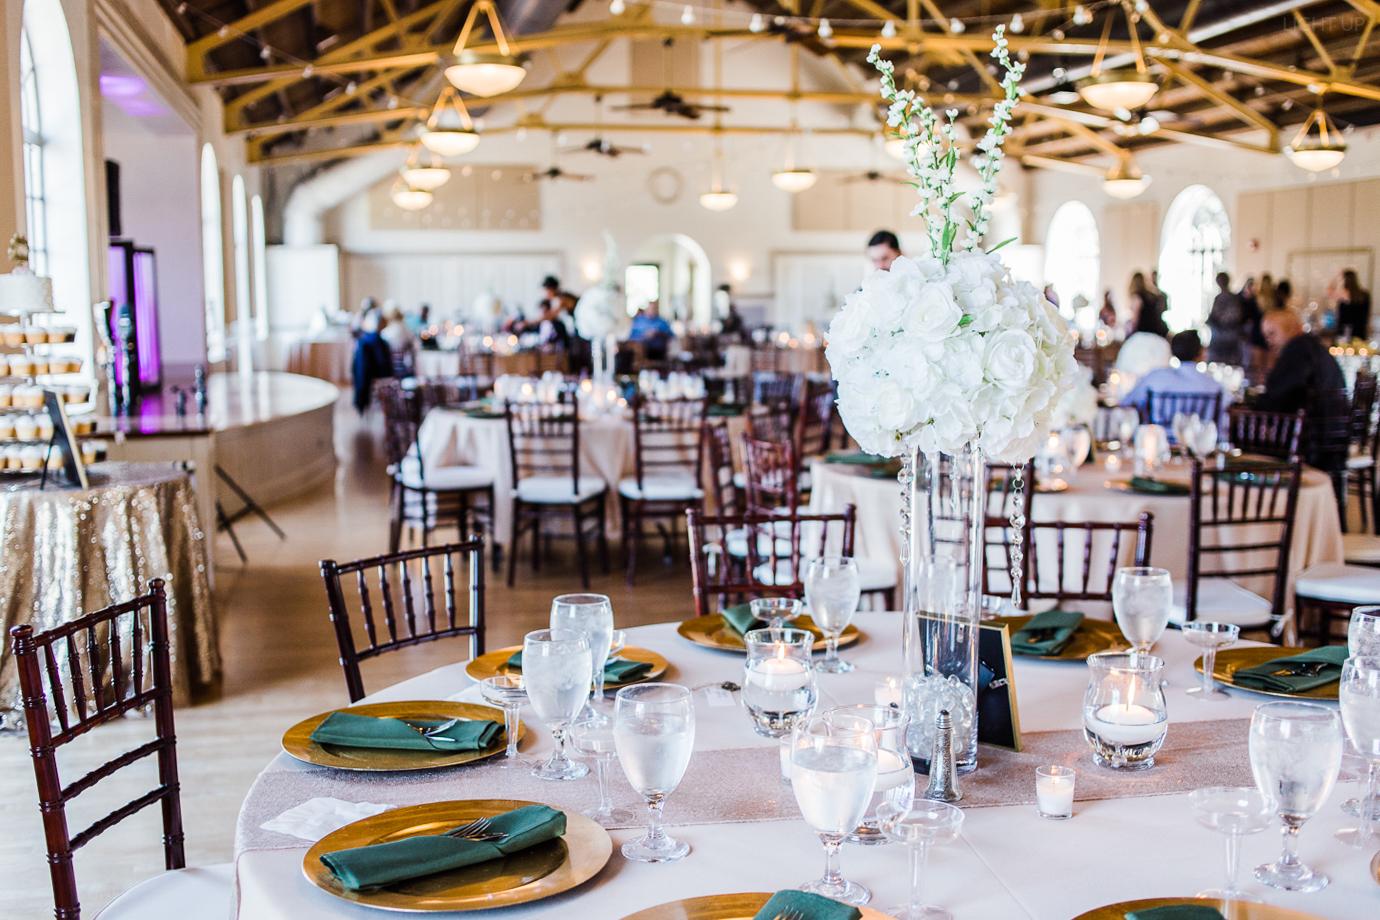 magnolia building wedding in lakeland-4.jpg